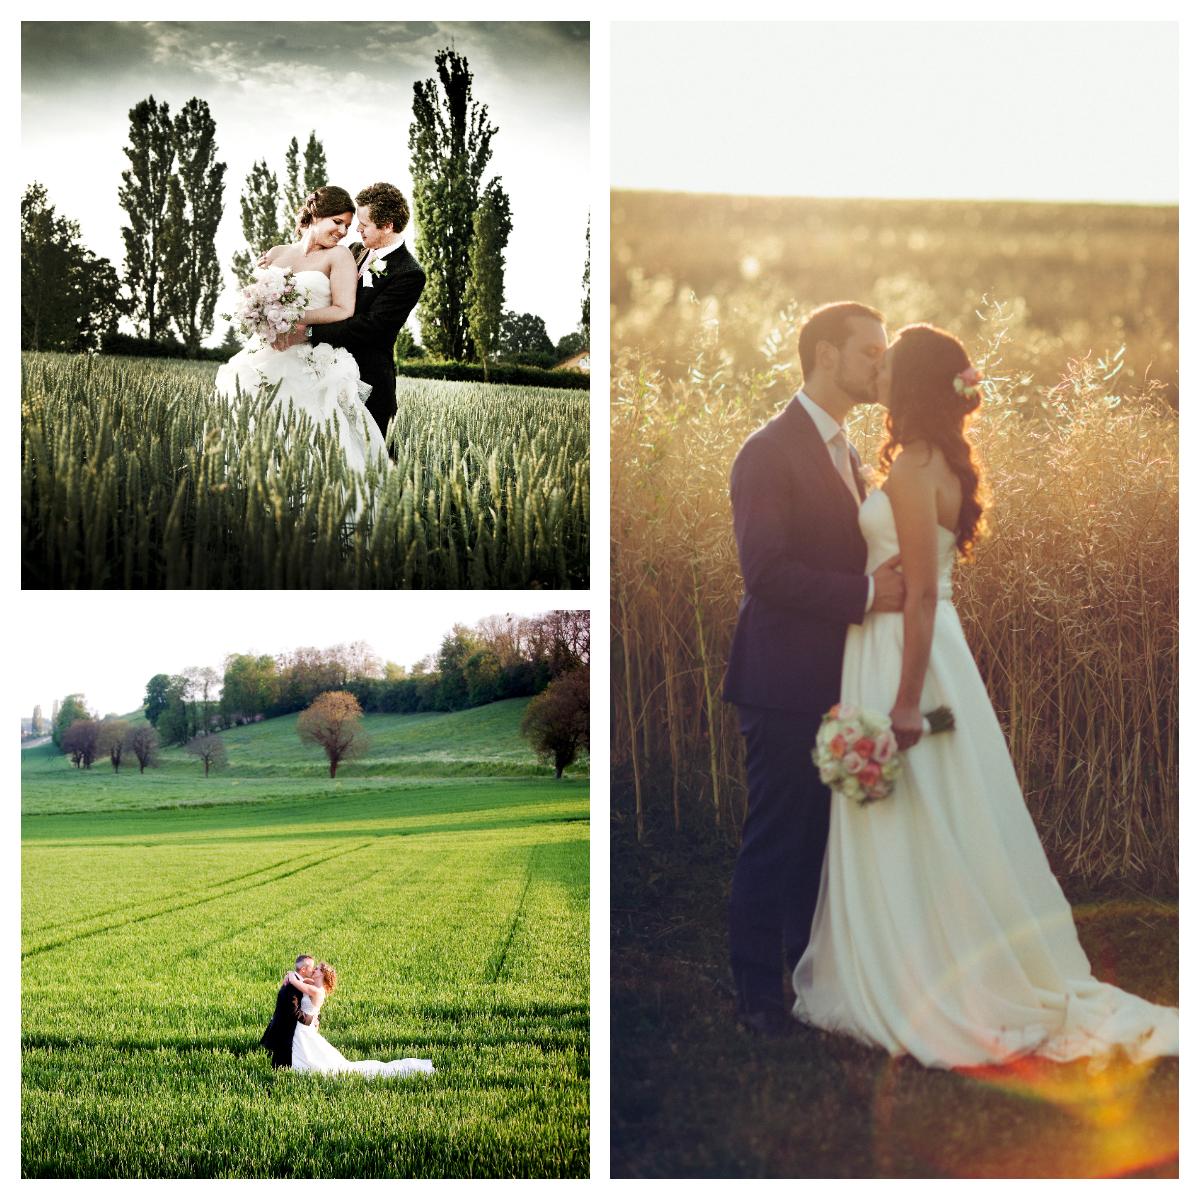 Unknown 2 - En été - Parez votre mariage des doux rayons du soleil !